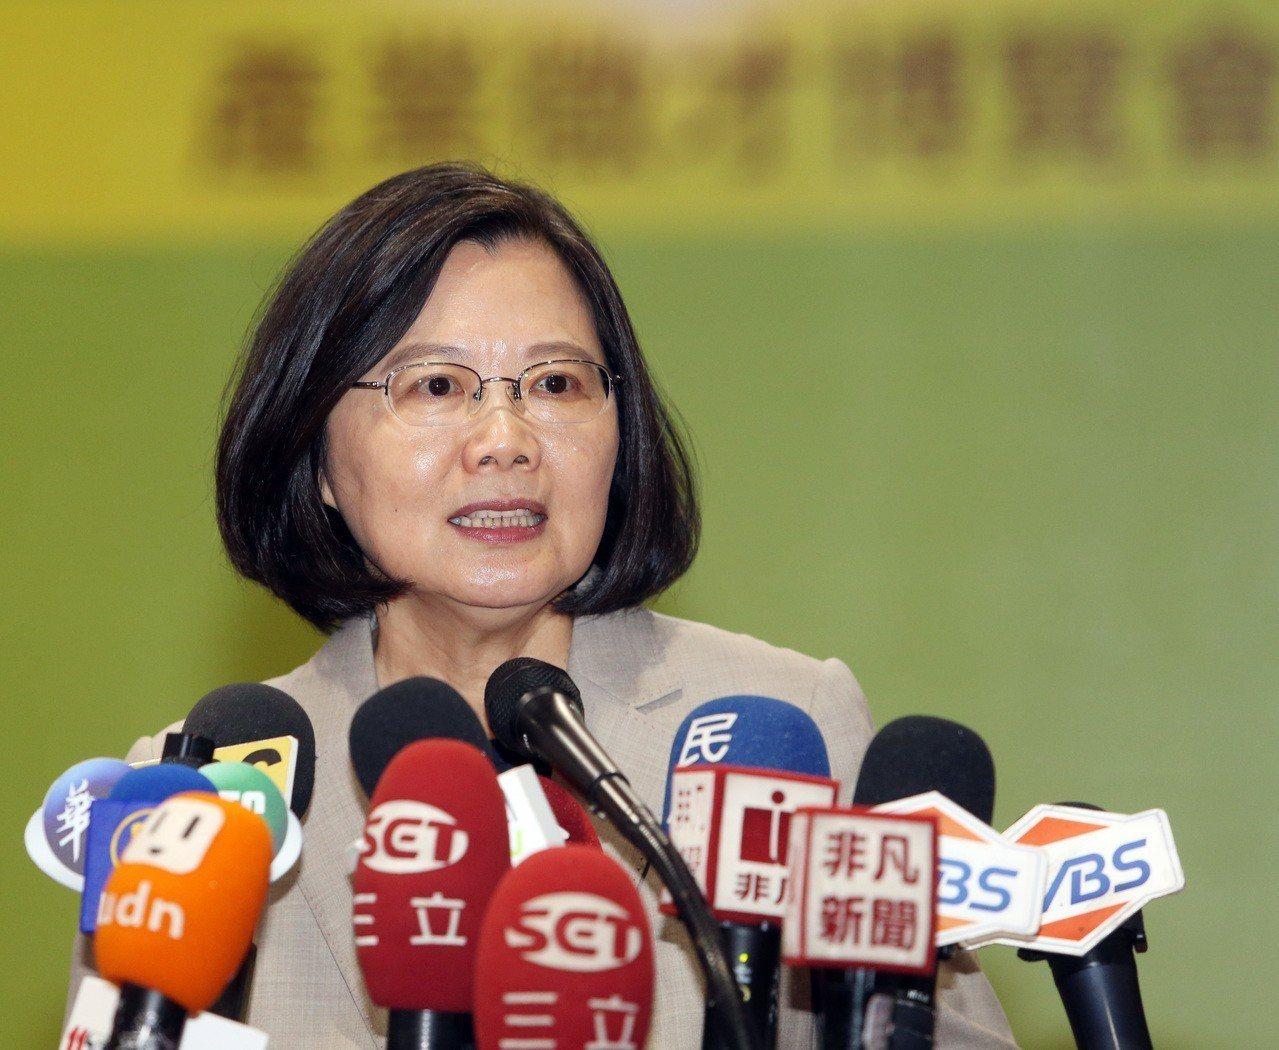 蔡總統表示她身為三軍統帥,要告訴曾是軍人的韓國瑜,把這句話收回去,但是當被問到賴...